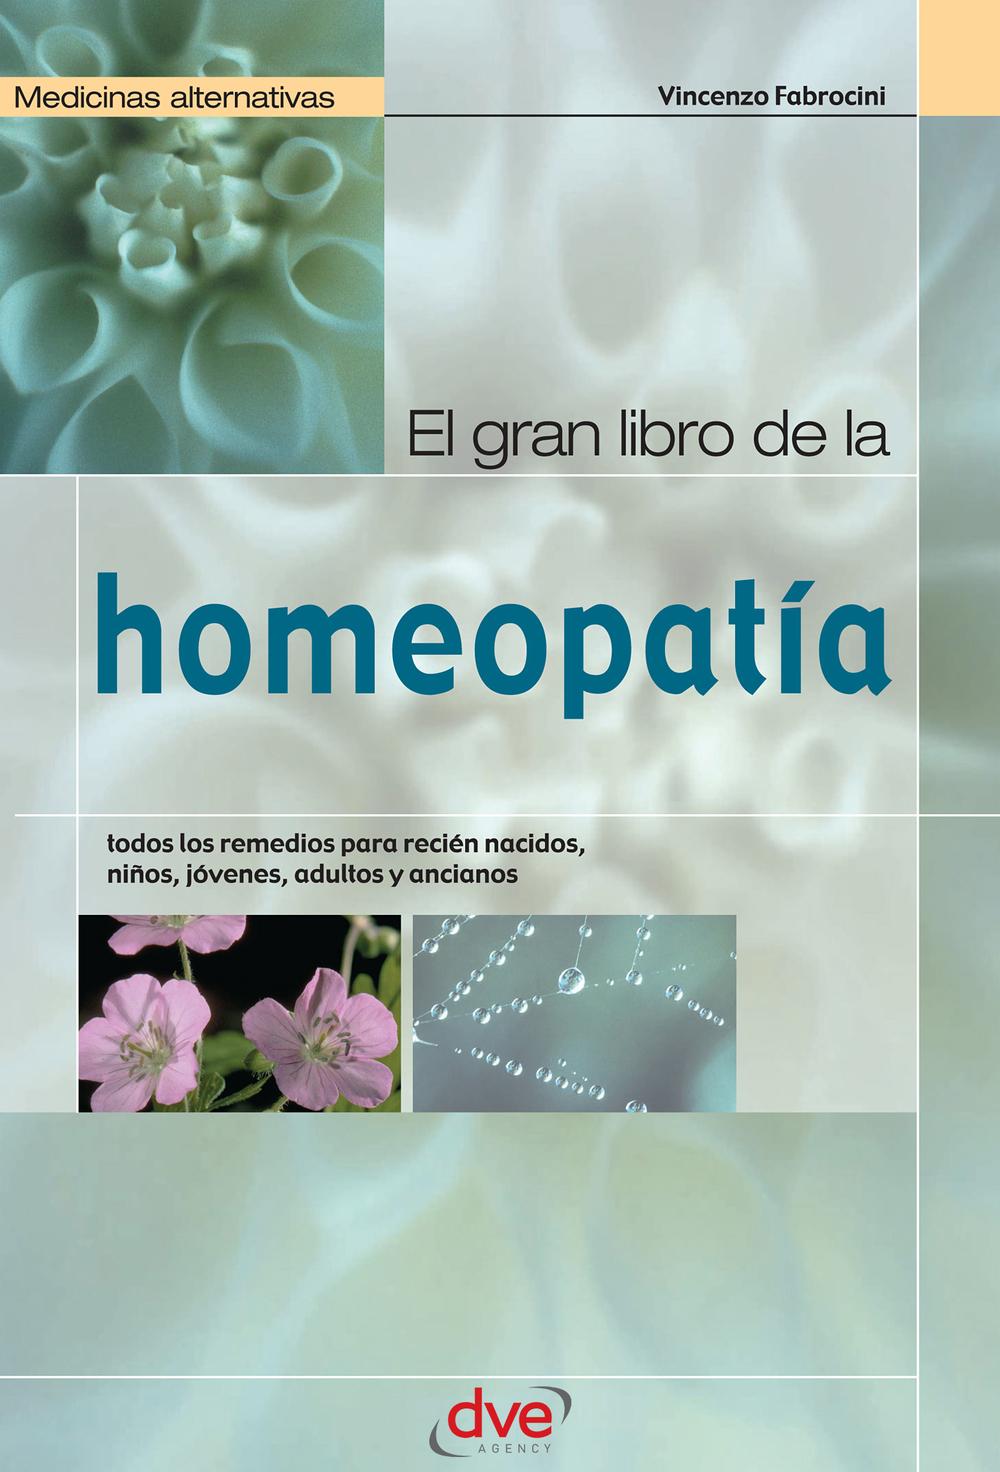 El gran libro de la homeopatía